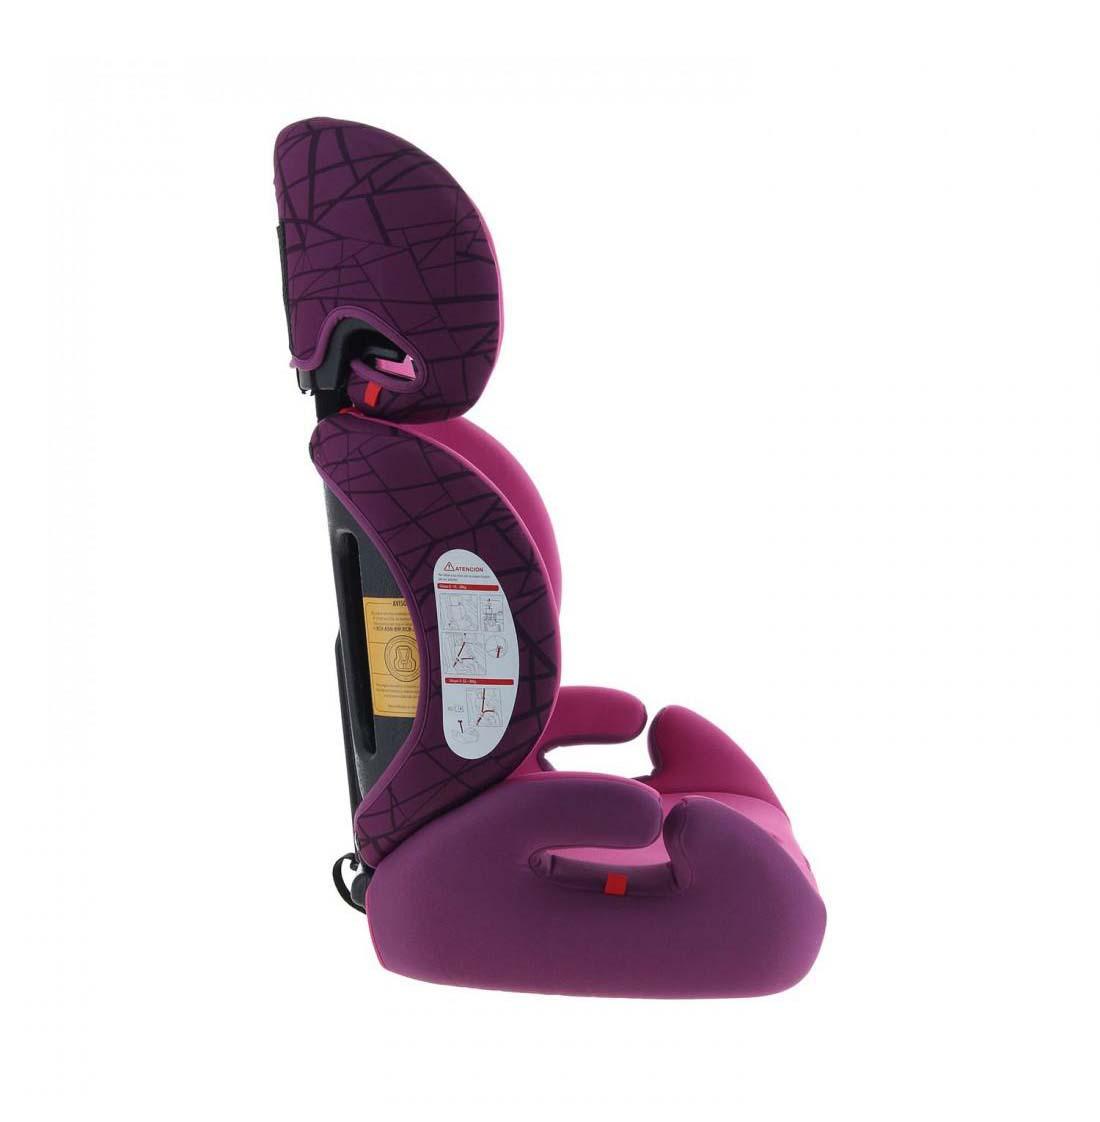 Silla De Auto Convertible Baby Way Bw-749 Morado